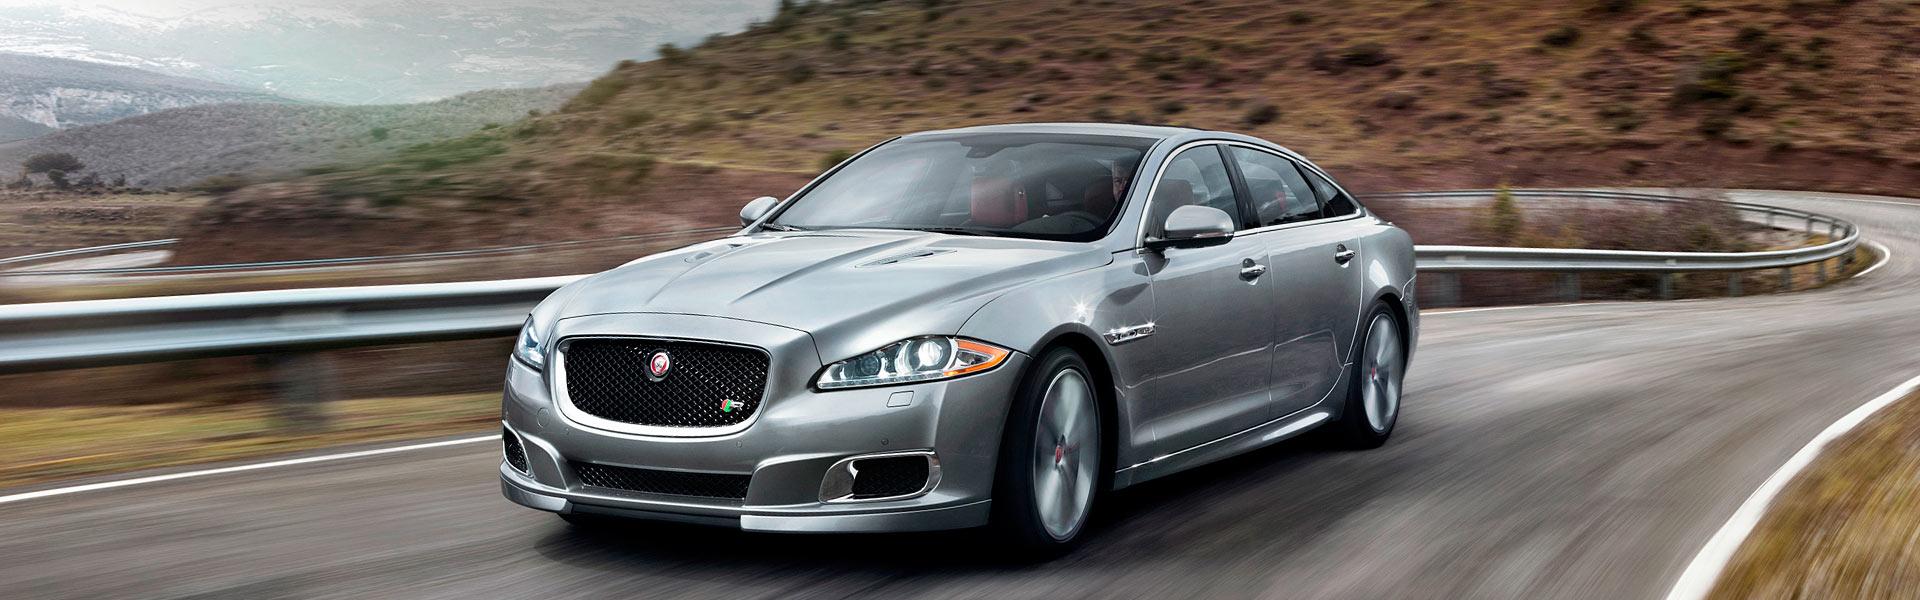 Сервис Jaguar XJR